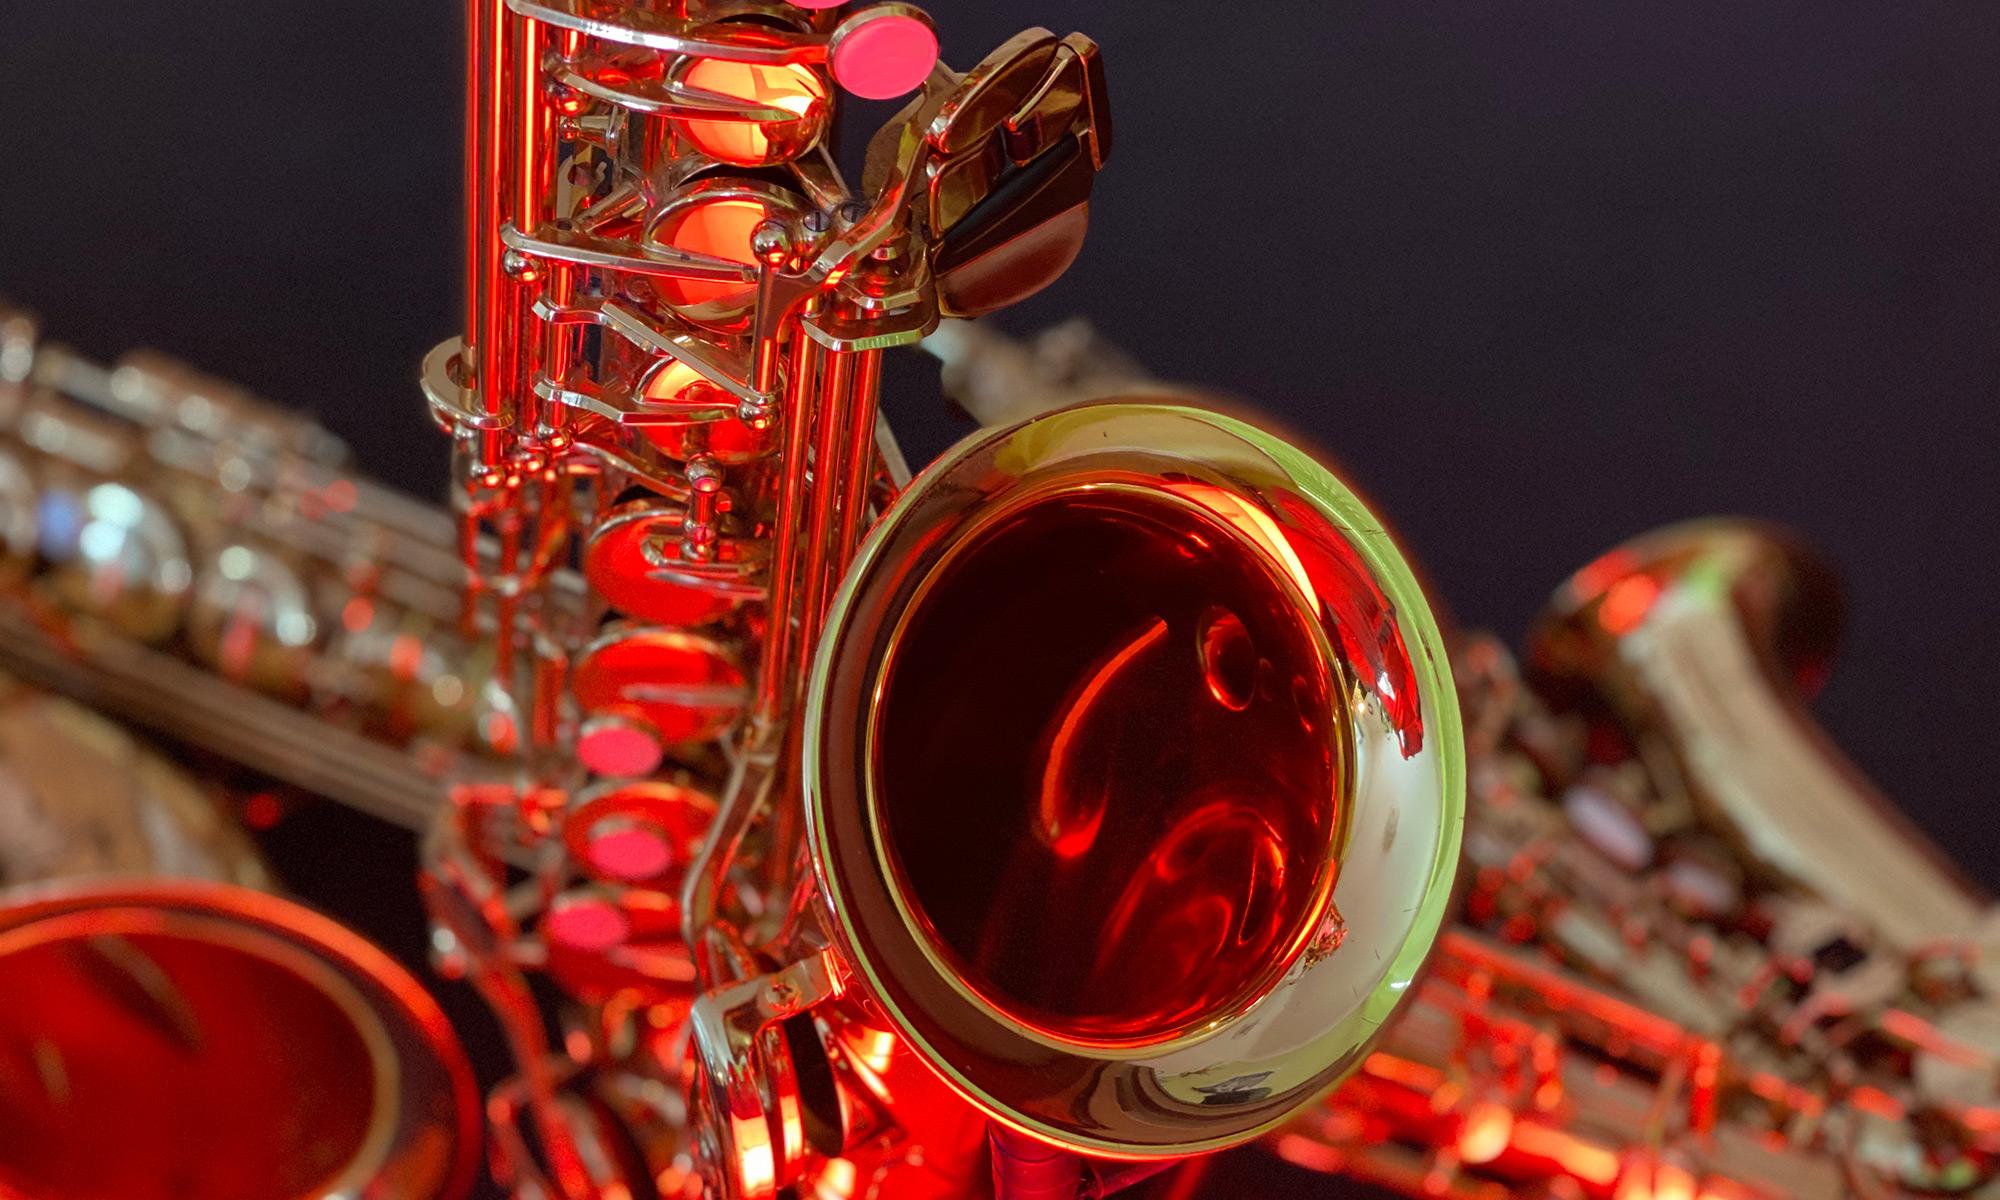 Saxmusician.co.uk